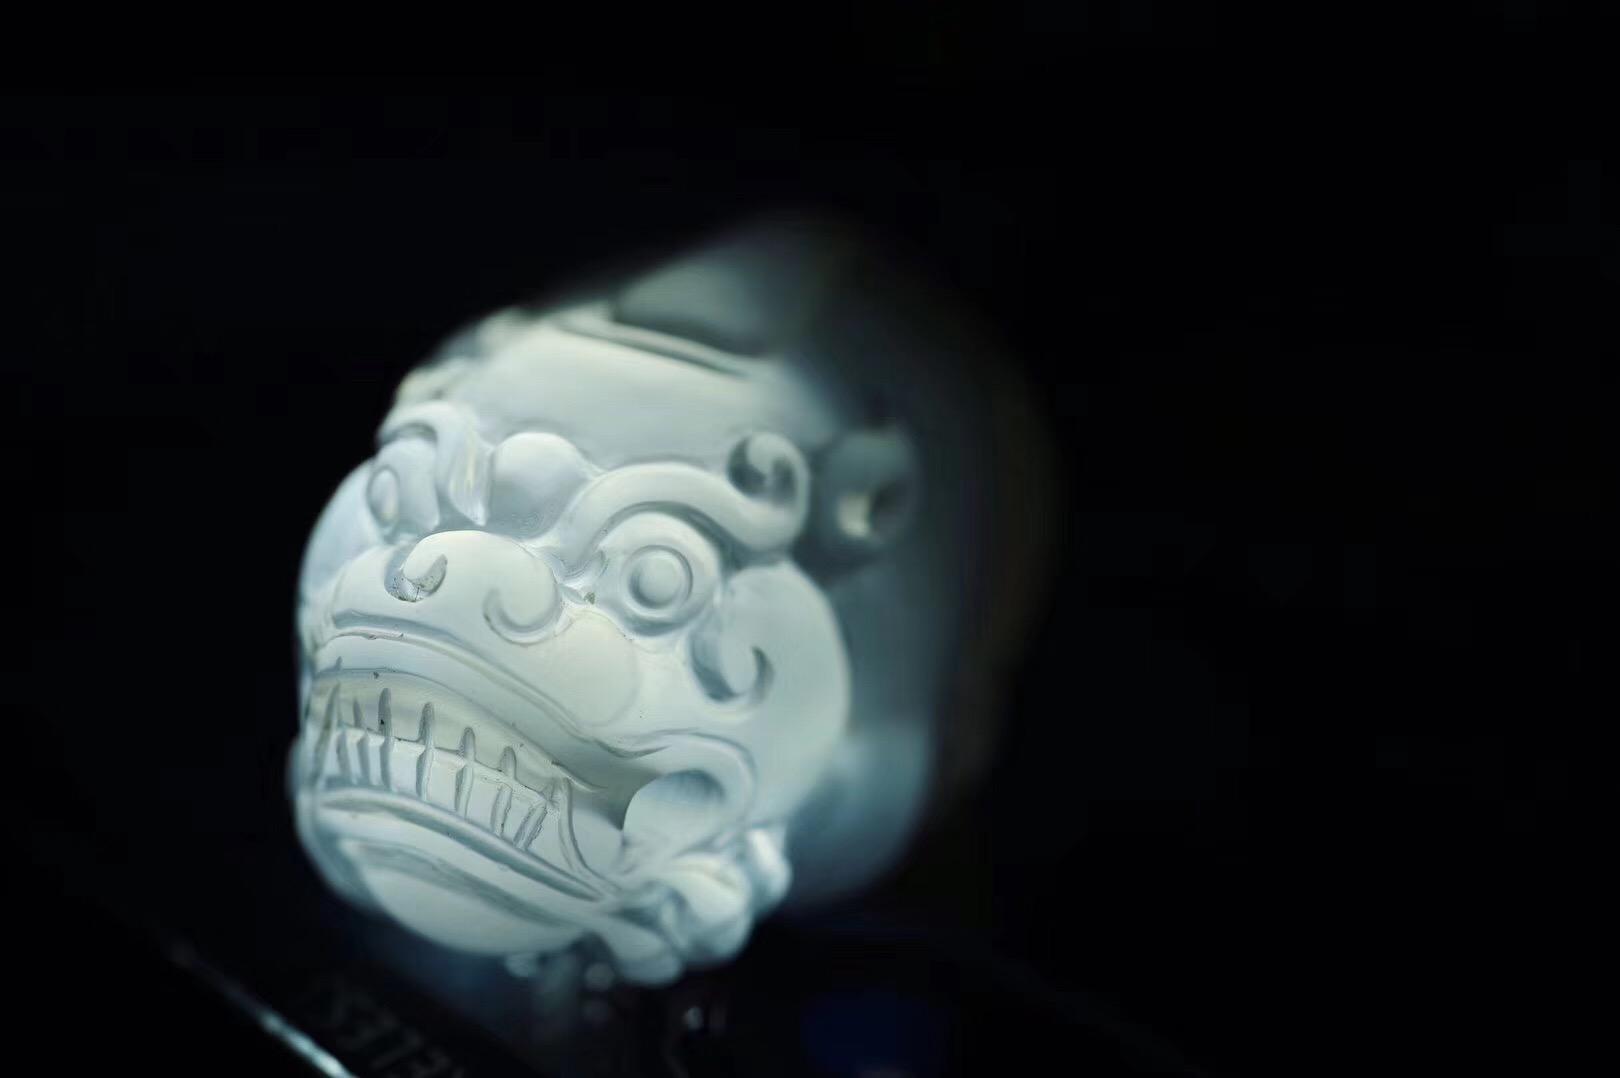 【菩心-貔貅】冰透到可媲美翡翠的荔枝冻貔貅-菩心晶舍